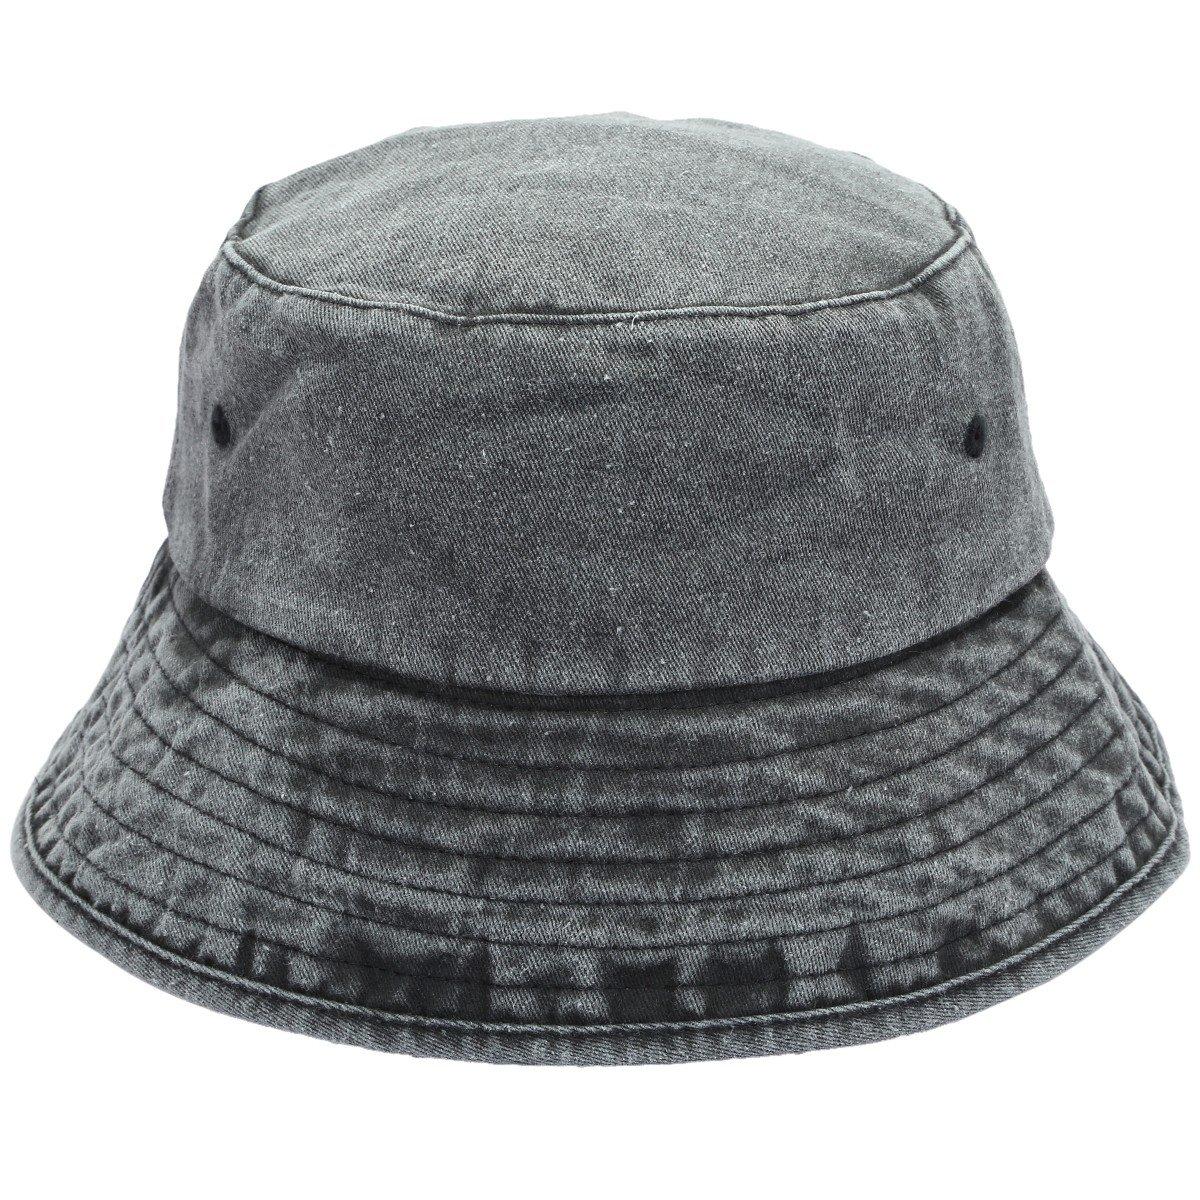 207ac48c Sportmusies Bucket Hats for Men Women, Packable Outdoor Sun Hat Travel Fishing  Cap